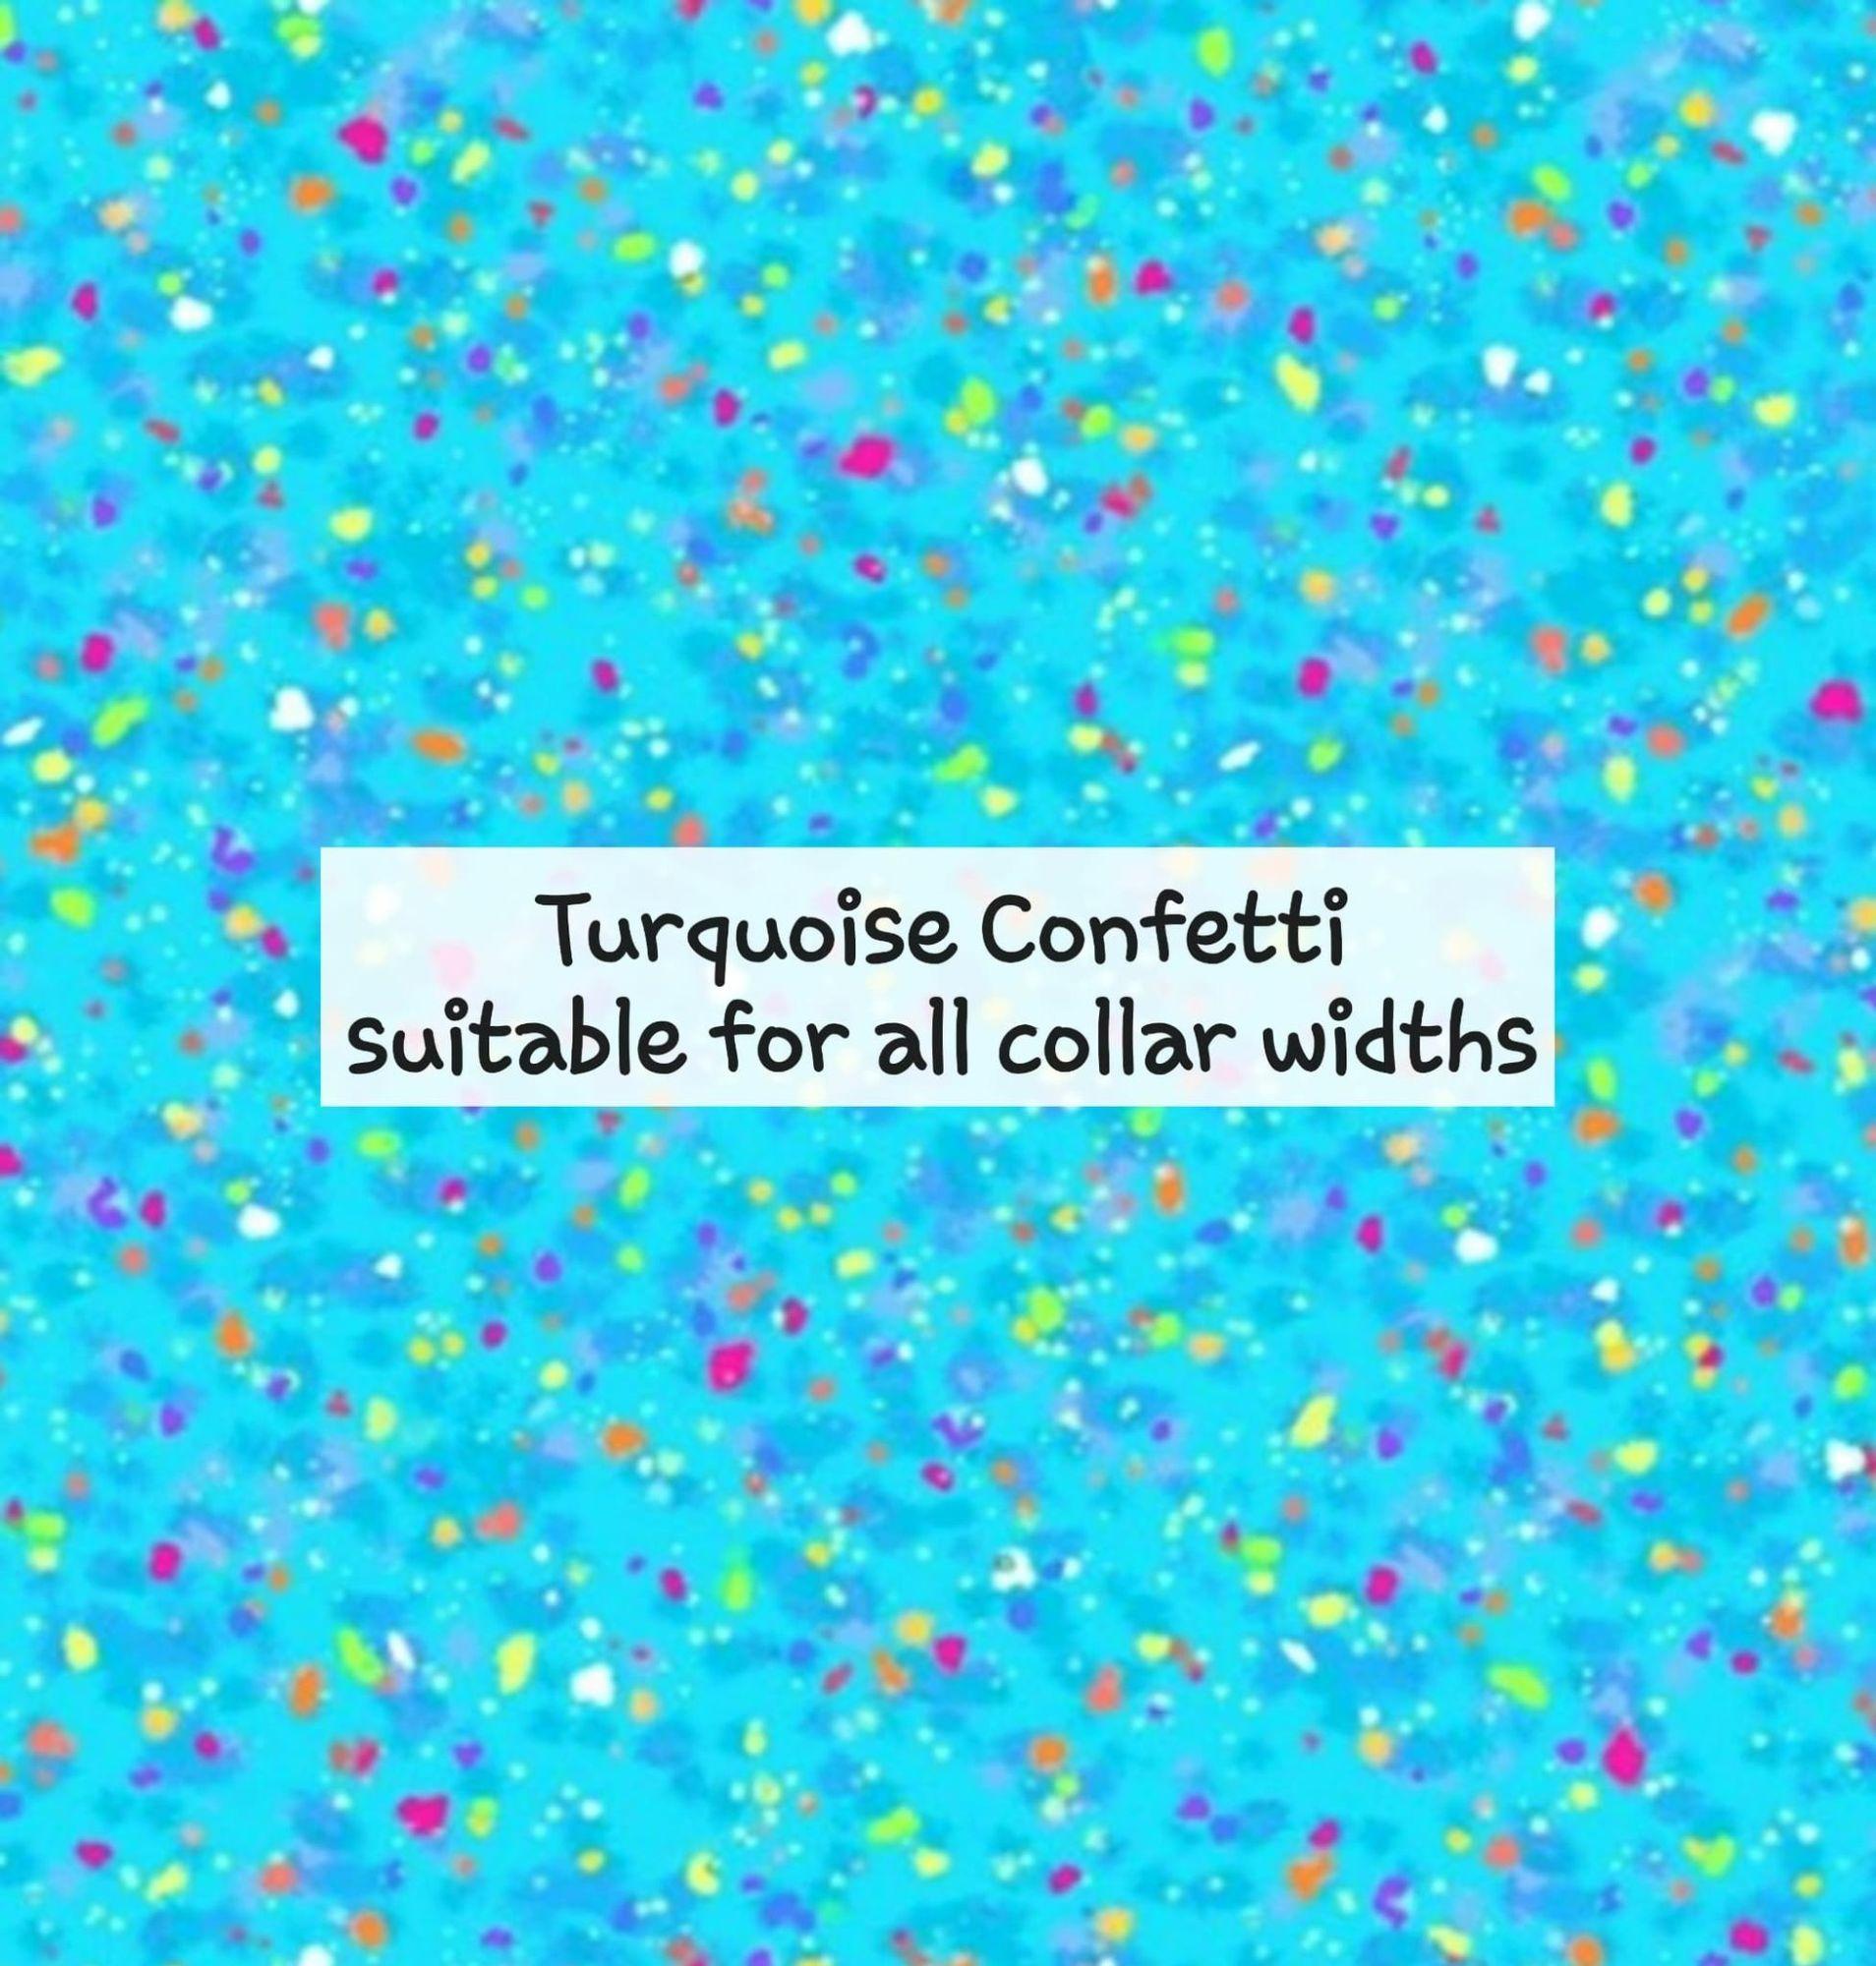 Turquoise Confetti